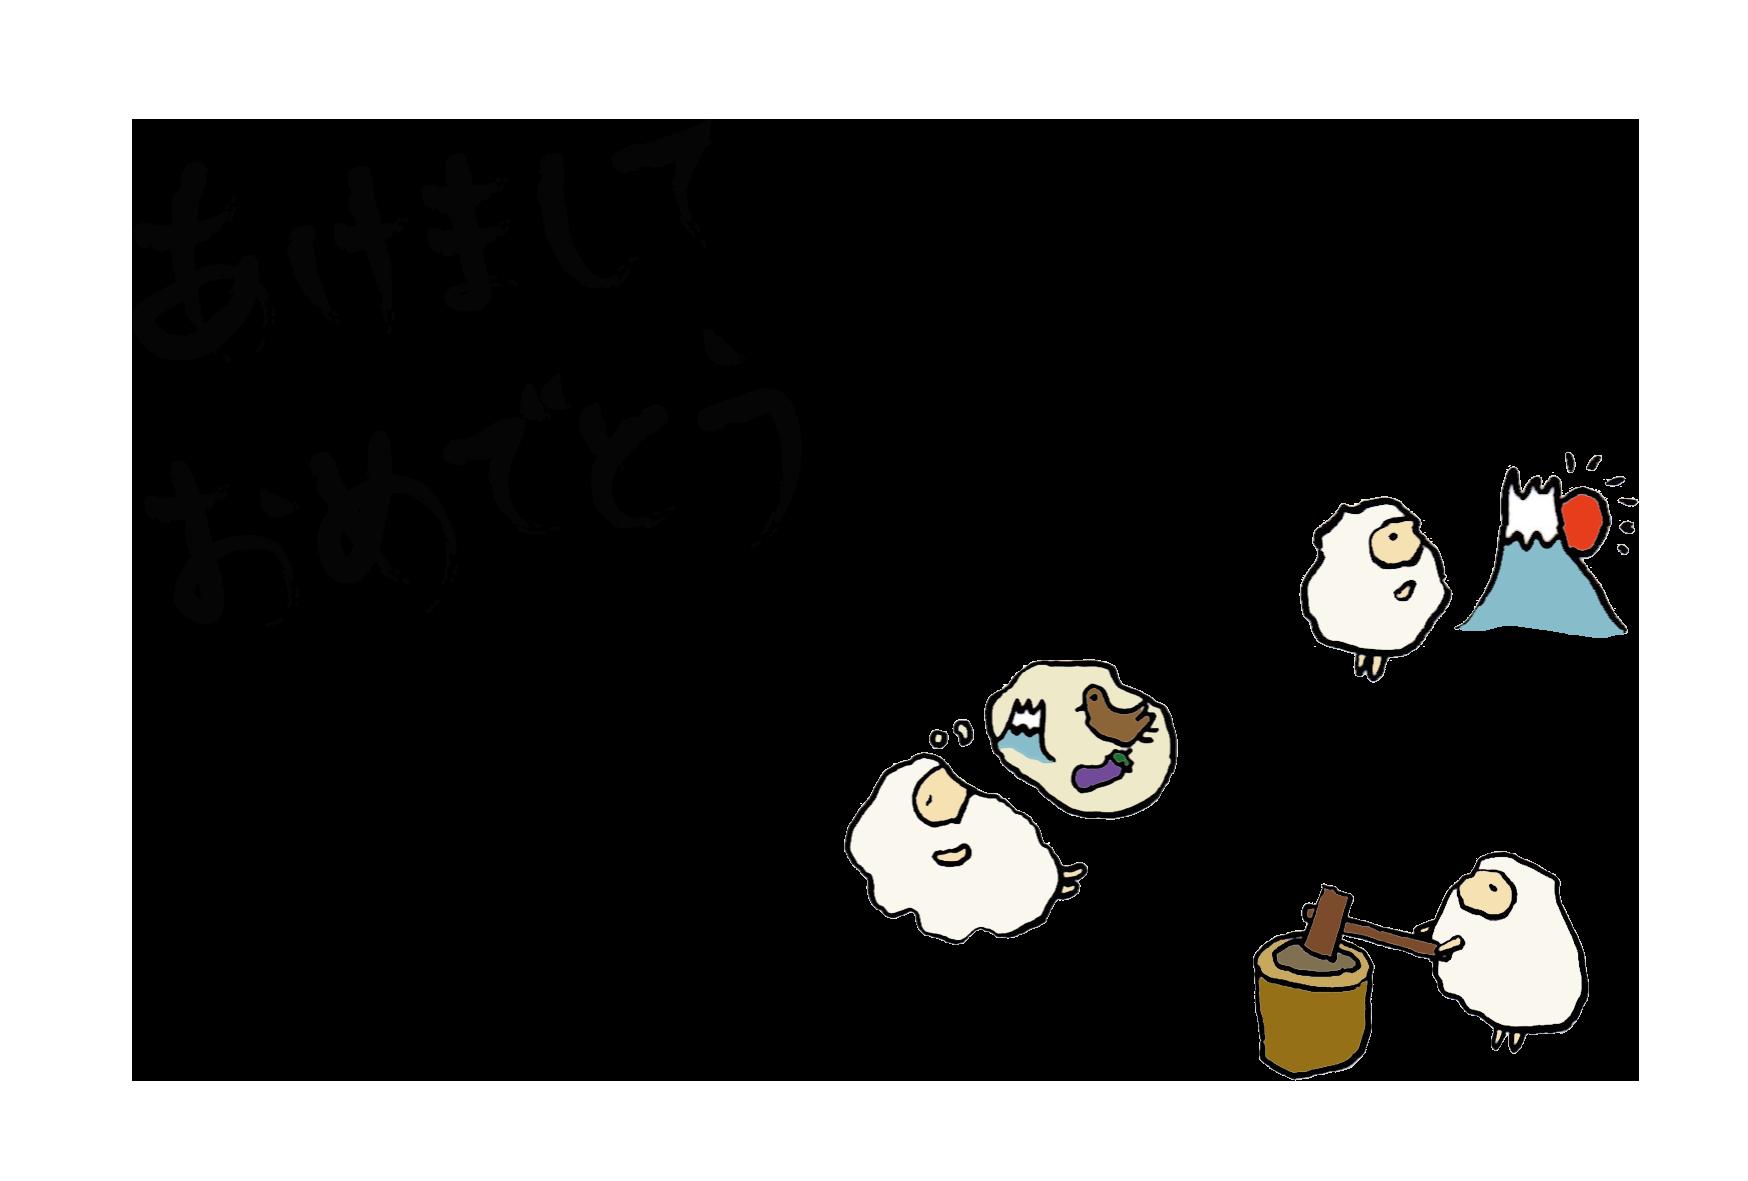 ... テンプレート(羊)-和風03 : 羊 可愛い イラスト : イラスト